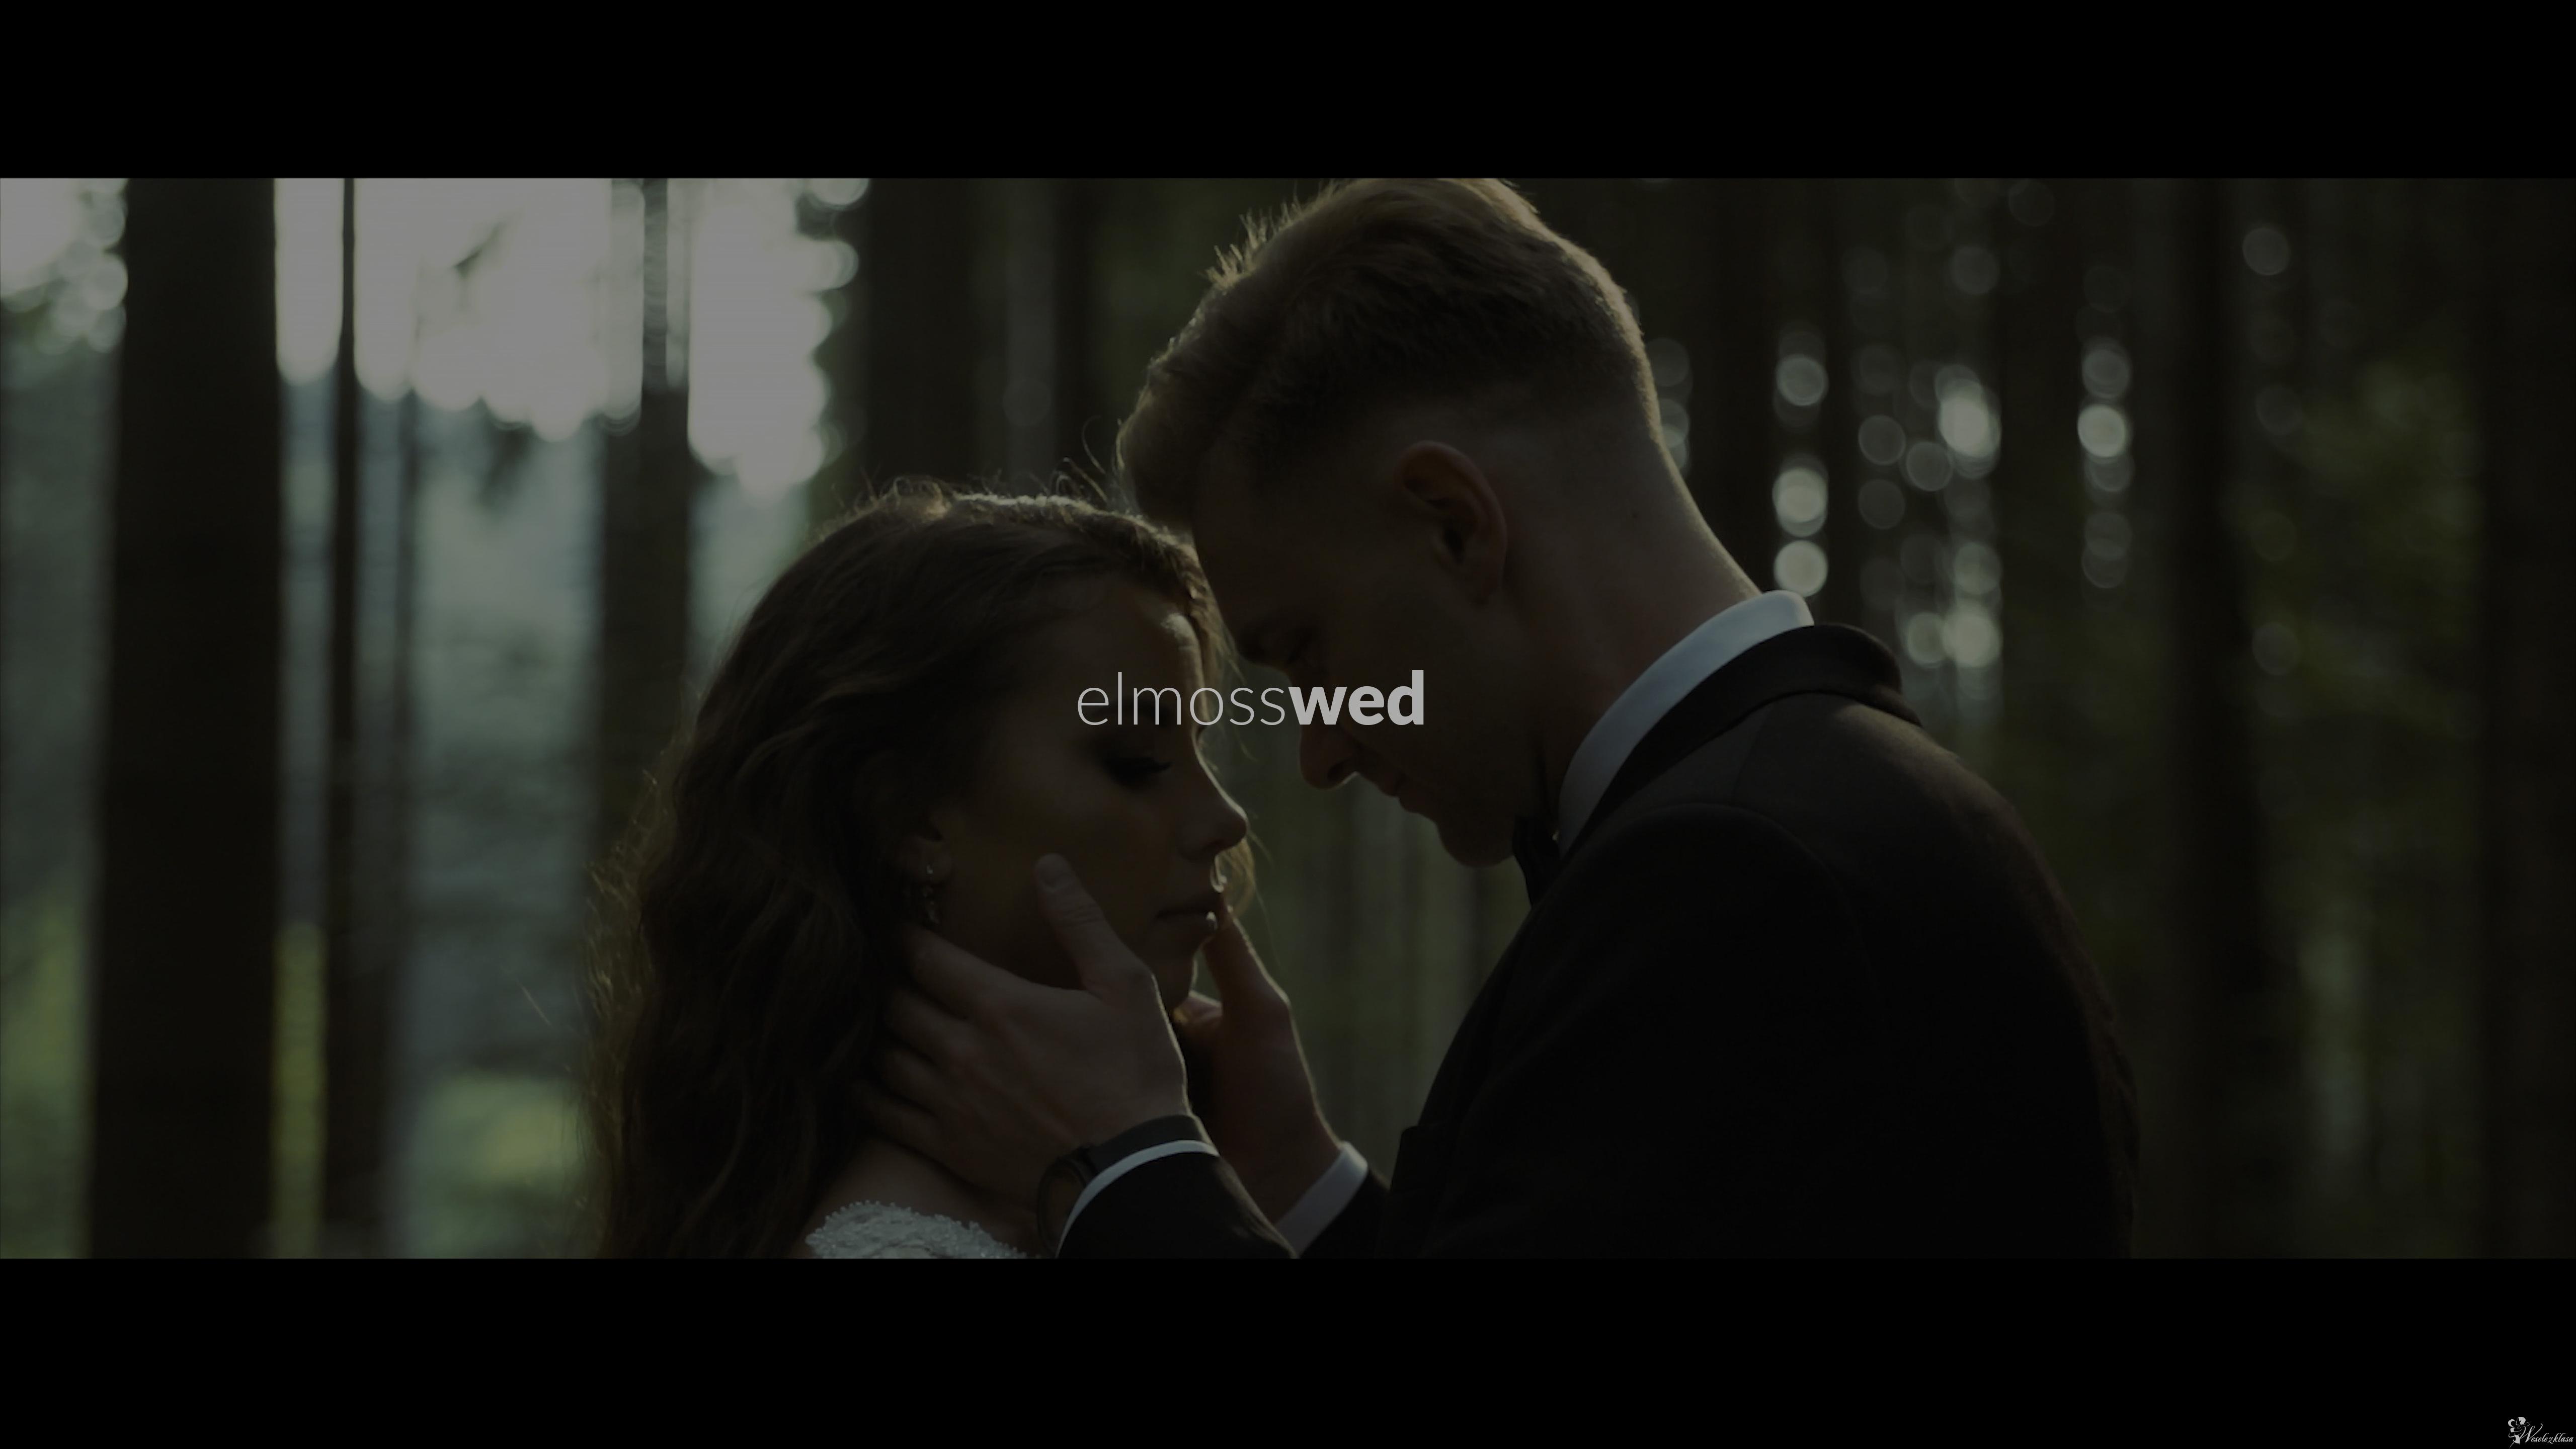 Elmosswed FILM ŚLUBNY 4K *boho*, Lwówek Śląski - zdjęcie 1